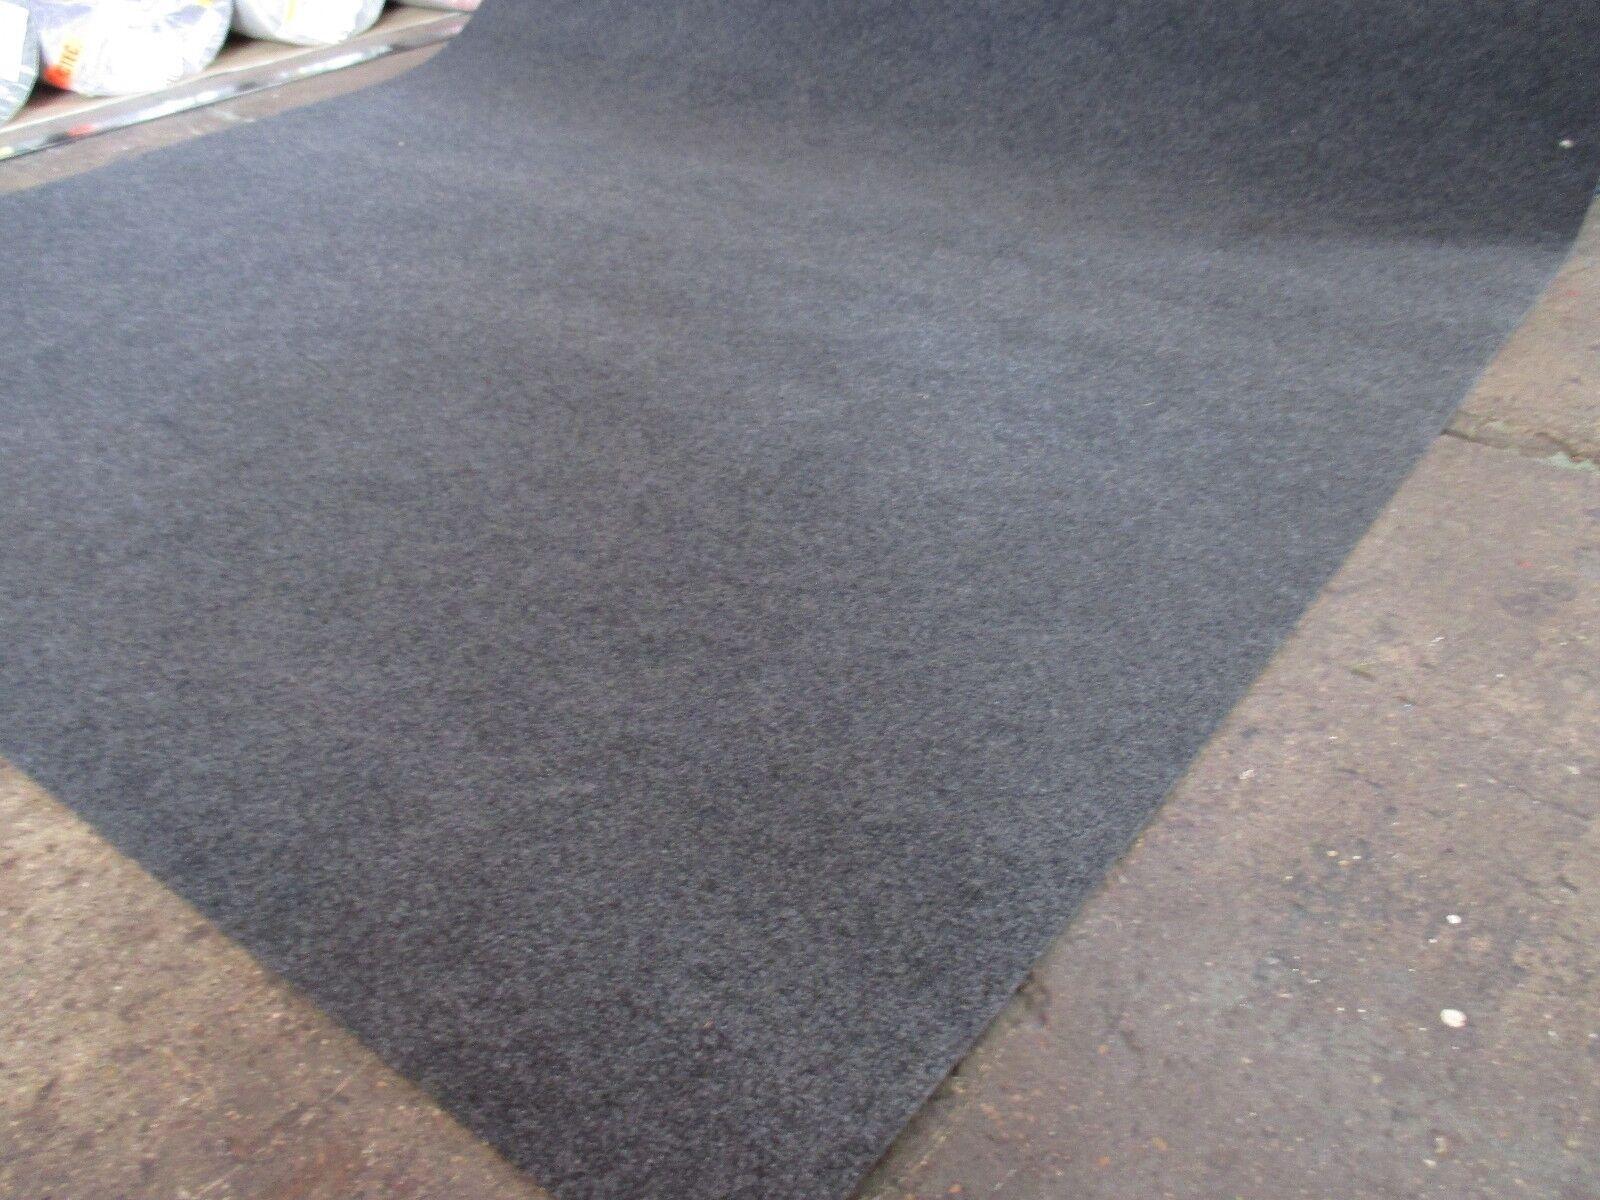 Nadelfilz (  m²) Rips Rips Rips dunkel grau anthrazit 200 cm breite Event Posten Sale | Verschiedene Stile und Stile  5b5130